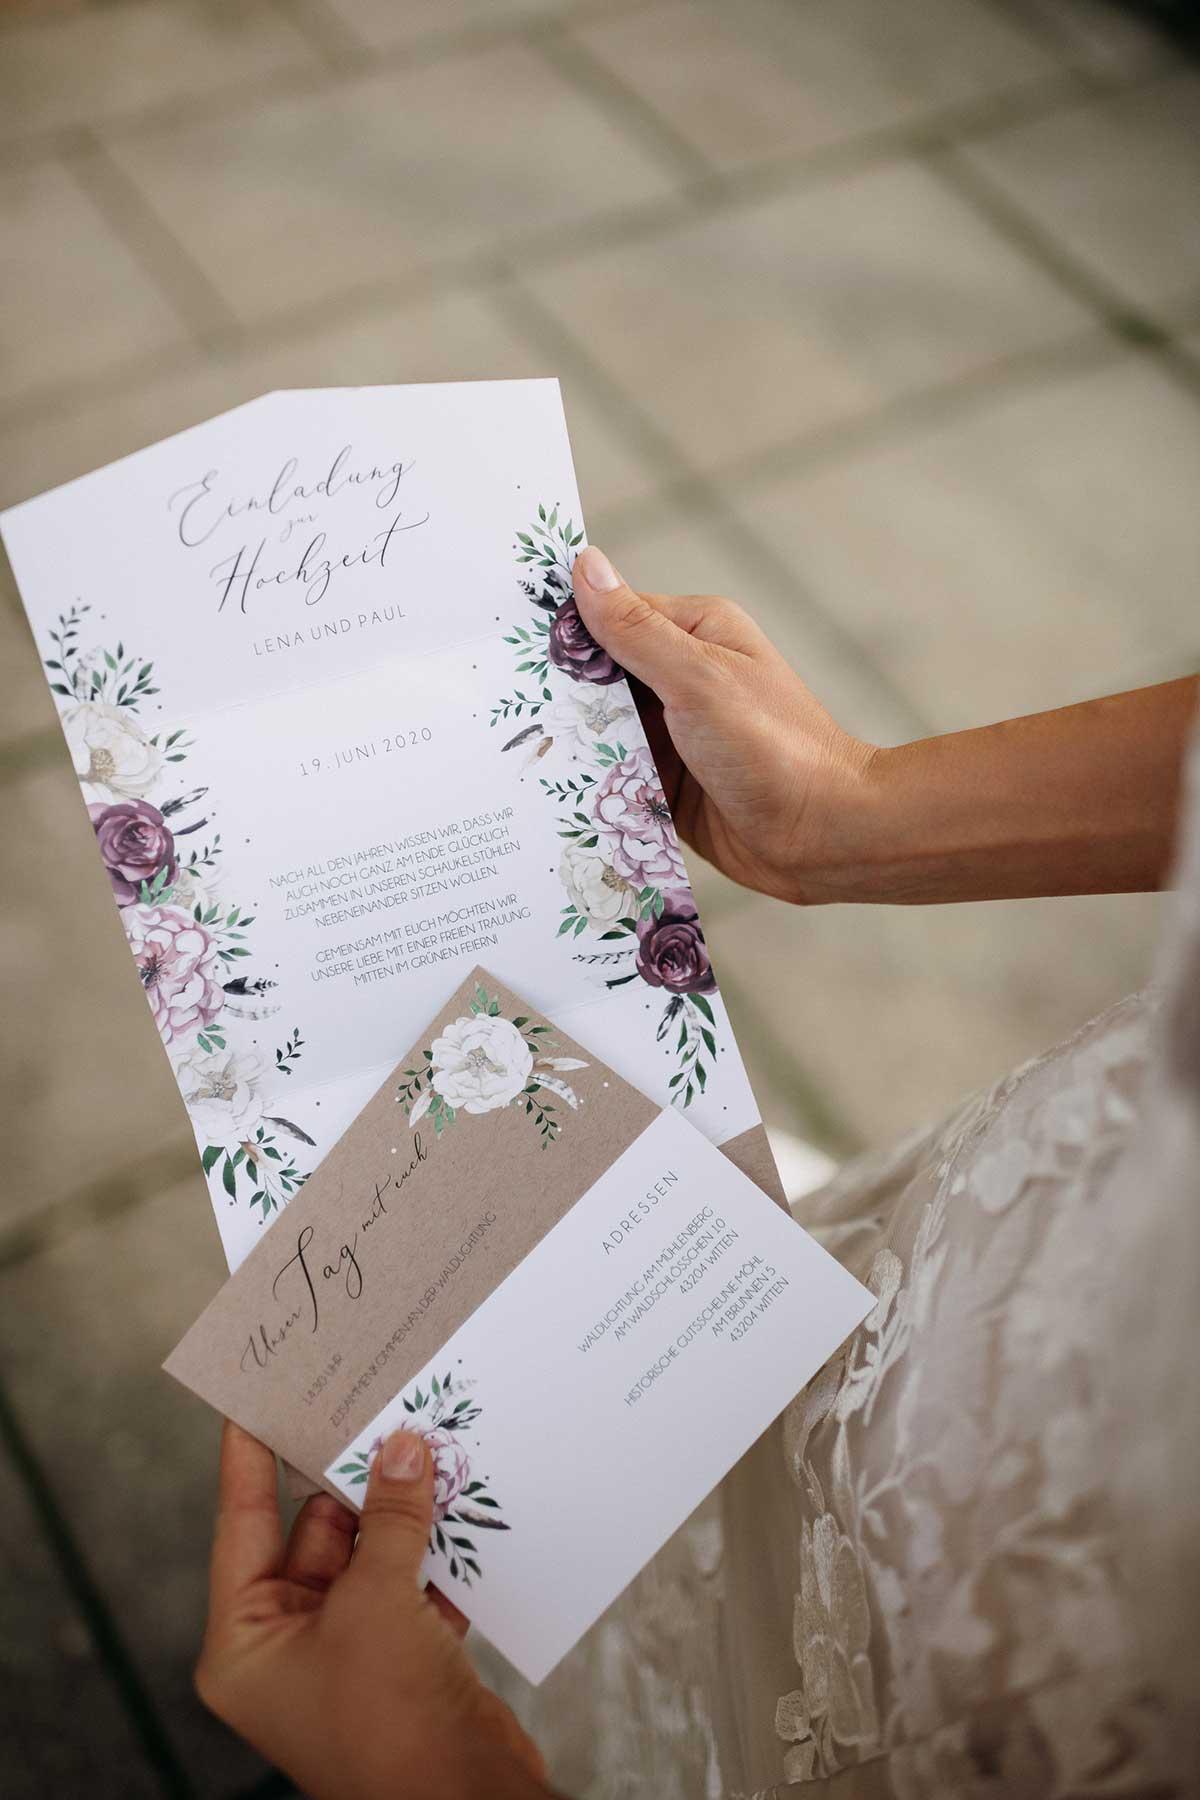 Einladung zur Hochzeit im Kraftpapier Look gedruckt von der kartenamacherei